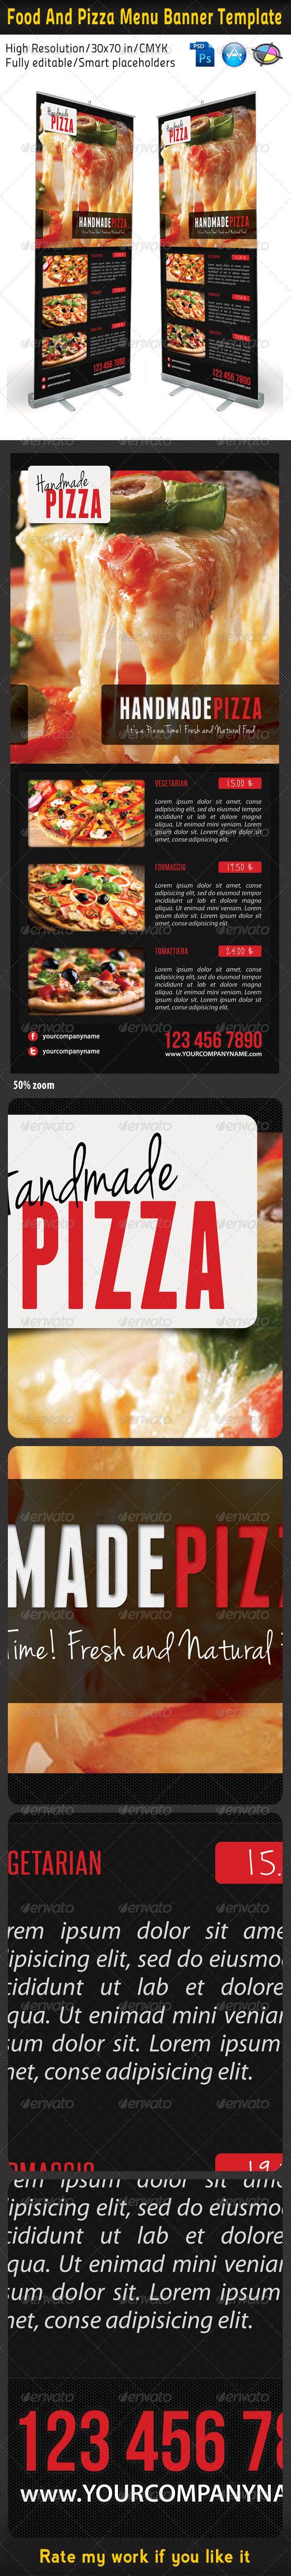 58d9c9bffed634fb6c20e8e286b5199f--pizza-menu-pasta-pizza Verwunderlich Nostalgie Im Kinderzimmer Gutscheincode Dekorationen